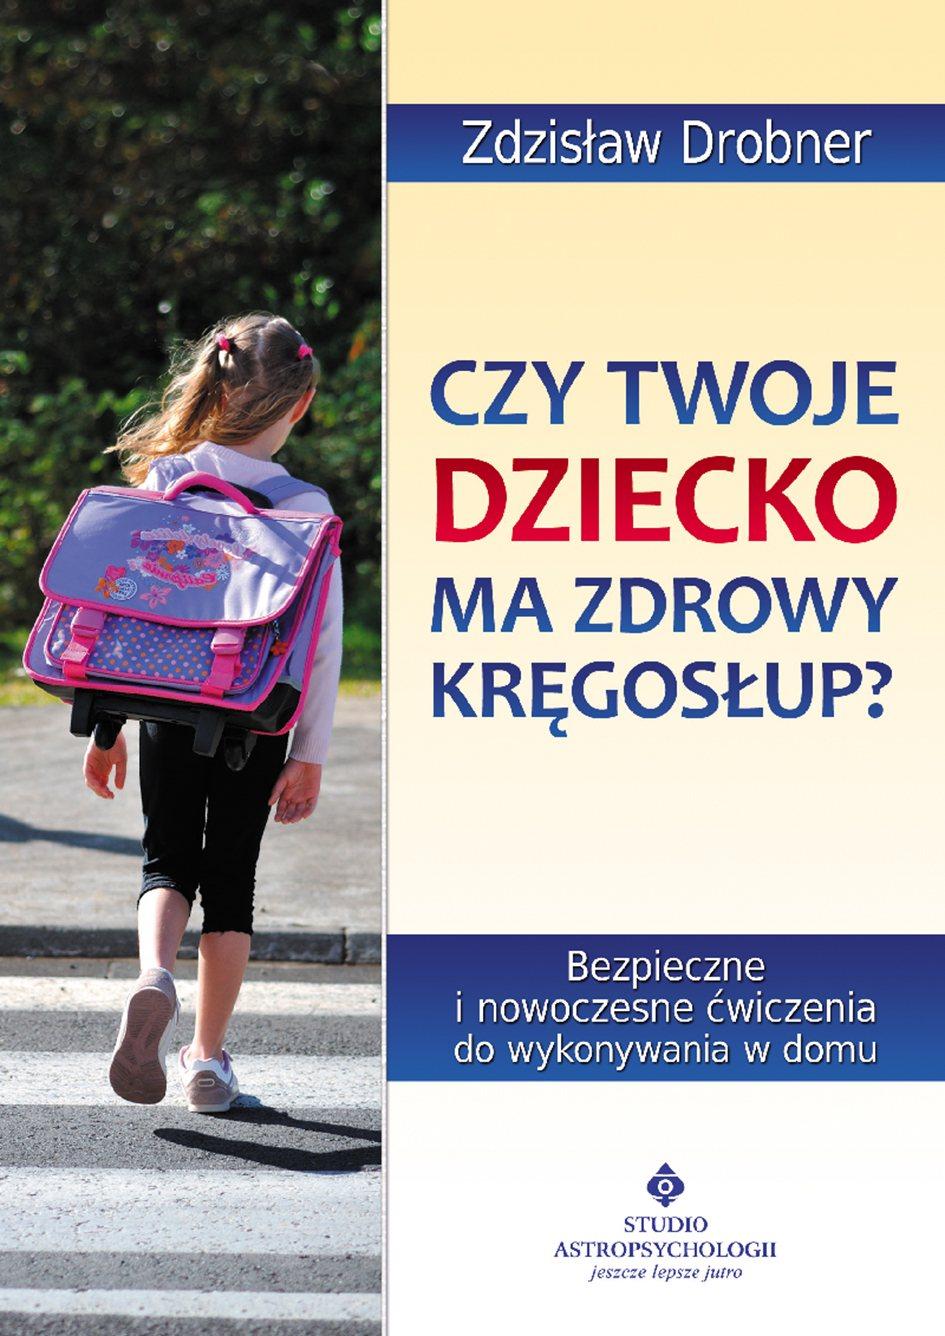 Czy Twoje dziecko ma zdrowy kręgosłup? Bezpieczne ćwiczenia do stosowania w domu - Ebook (Książka EPUB) do pobrania w formacie EPUB